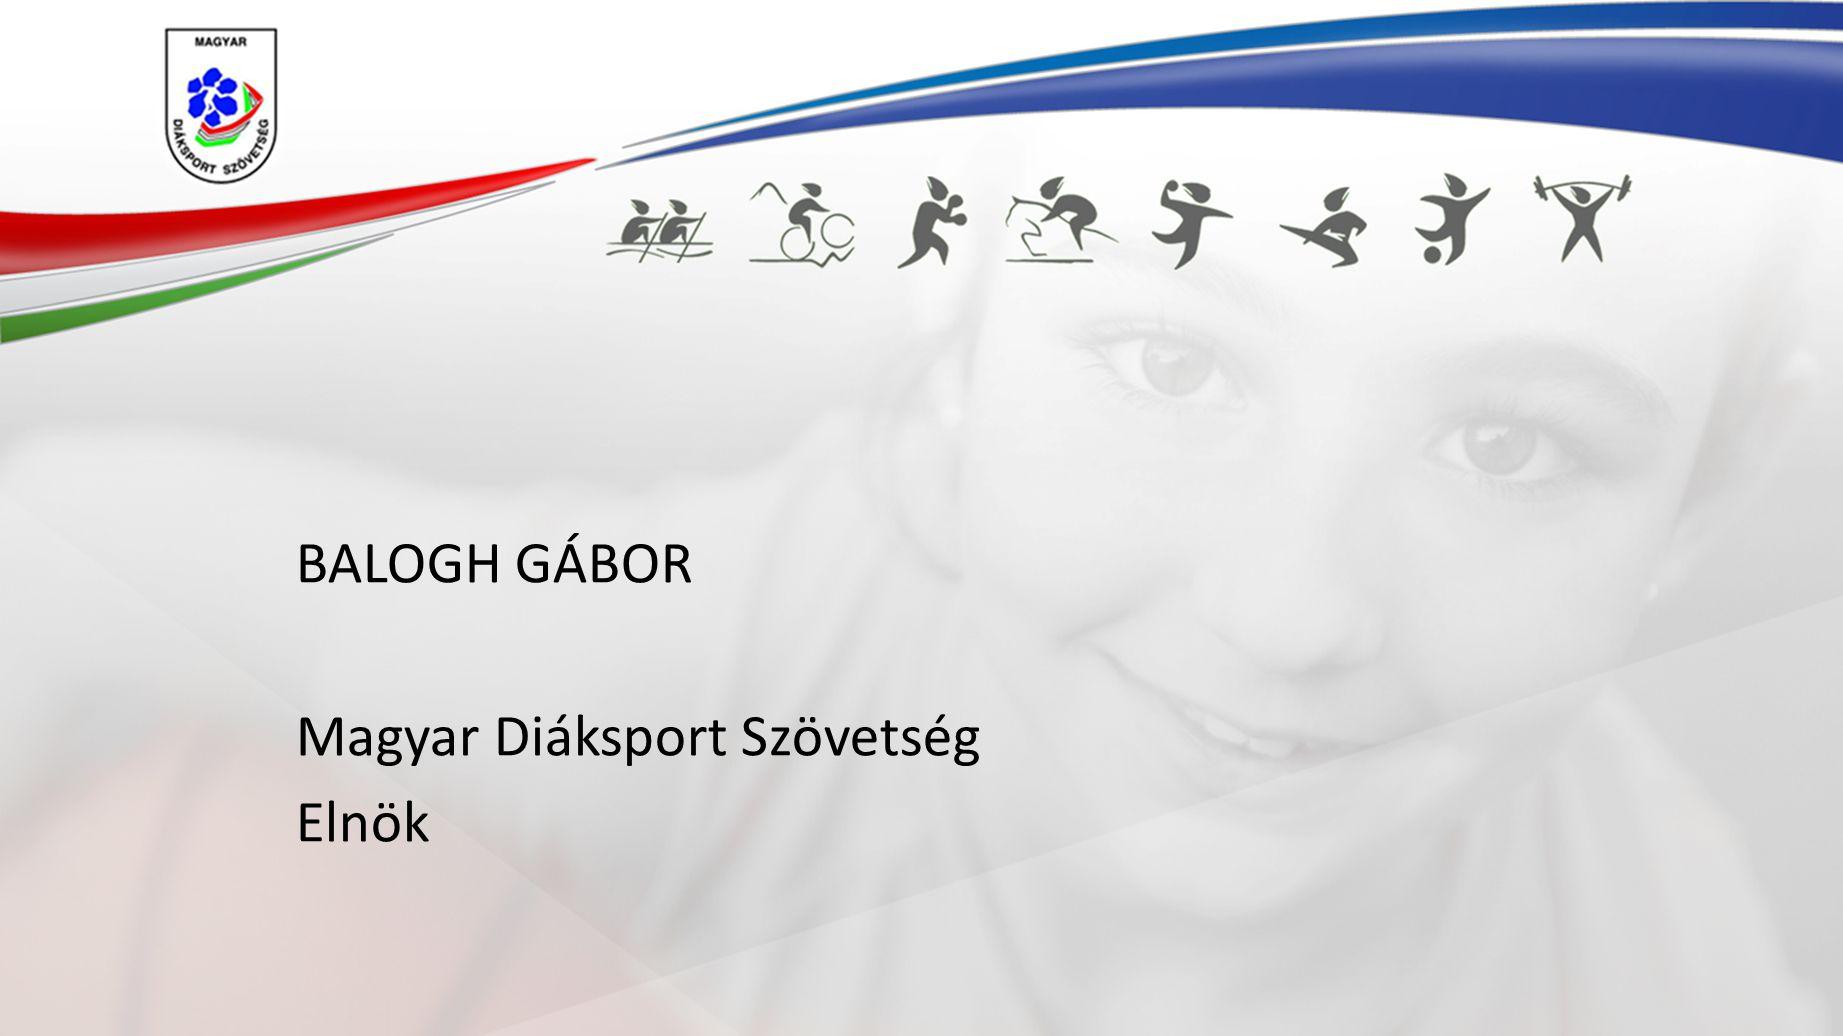 BALOGH GÁBOR Magyar Diáksport Szövetség Elnök